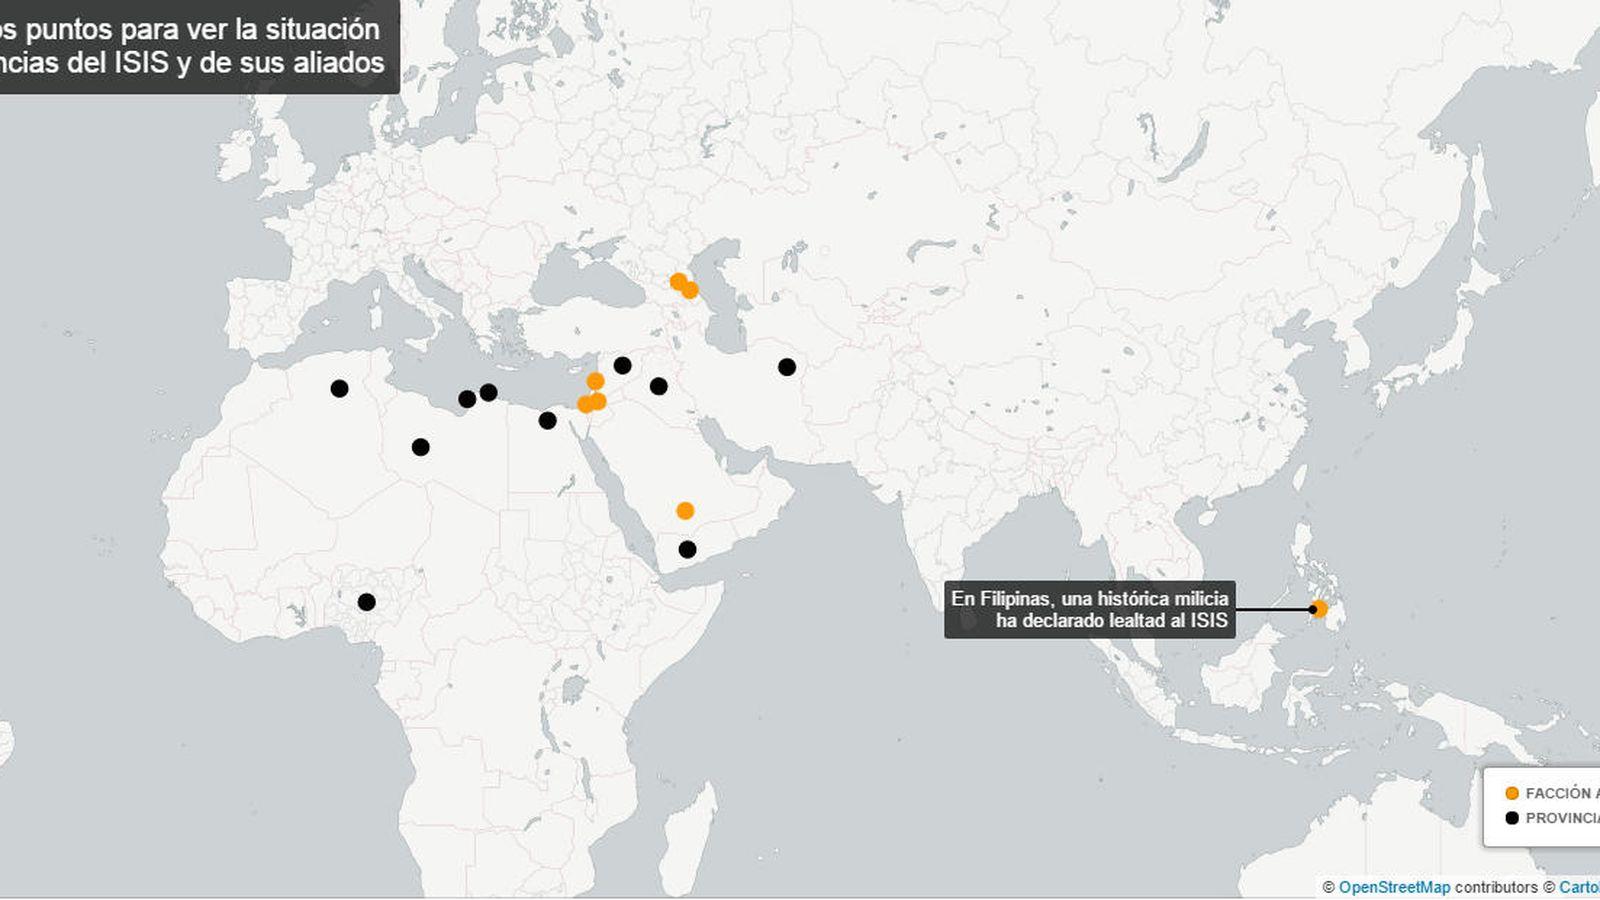 Estado Islamico Mapa Actual.Estado Islamico El Isis Avanza Mapa Del Califato Global